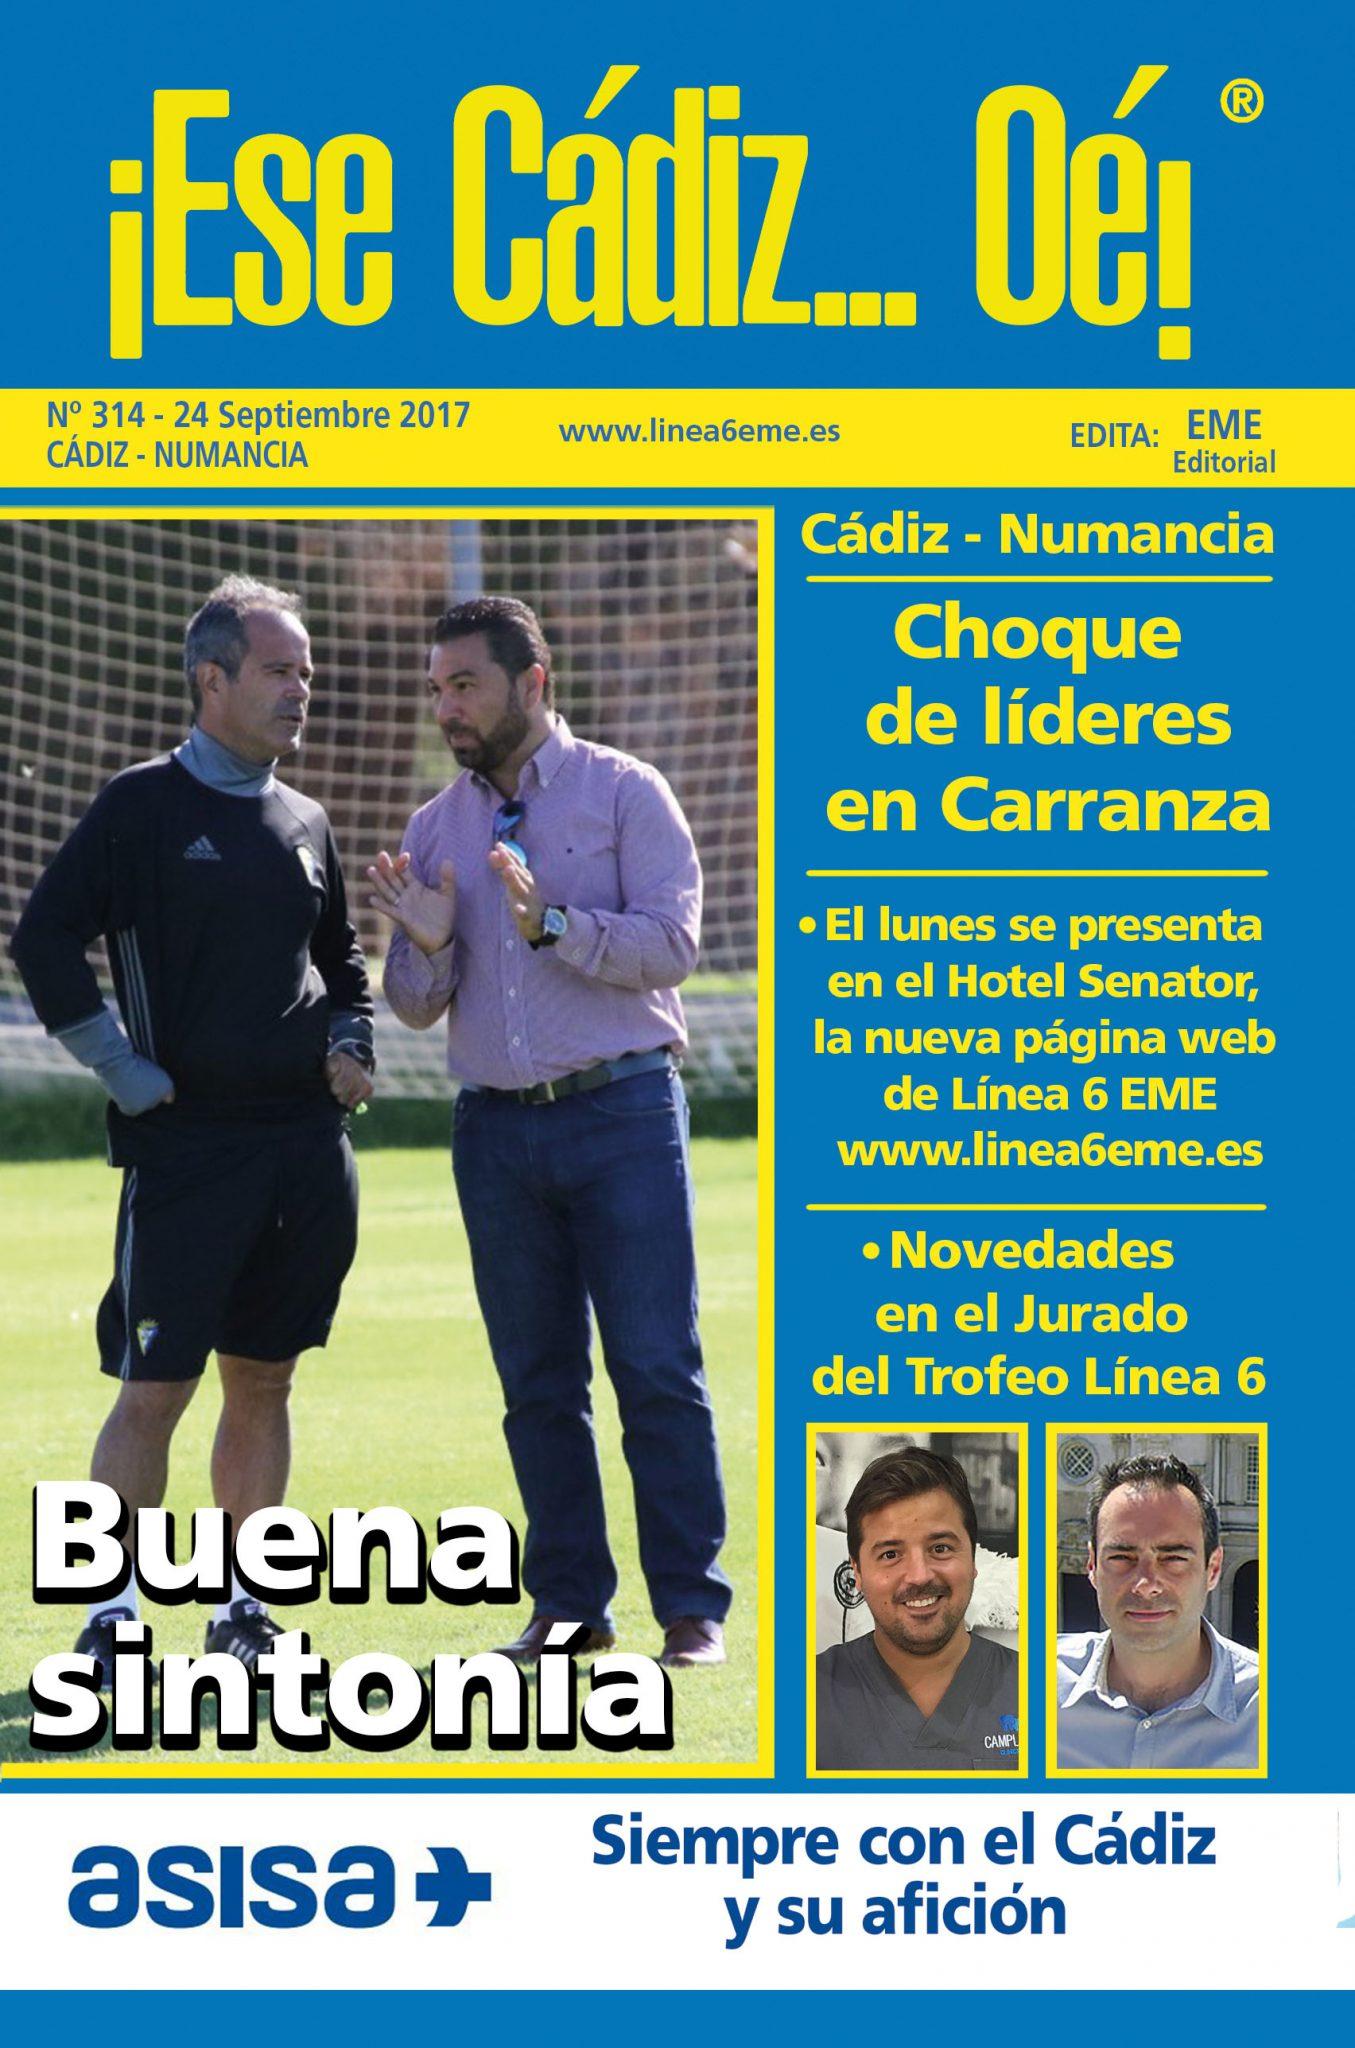 ¡Ese Cádiz…Oé! núm. 314 temporada 2017/18